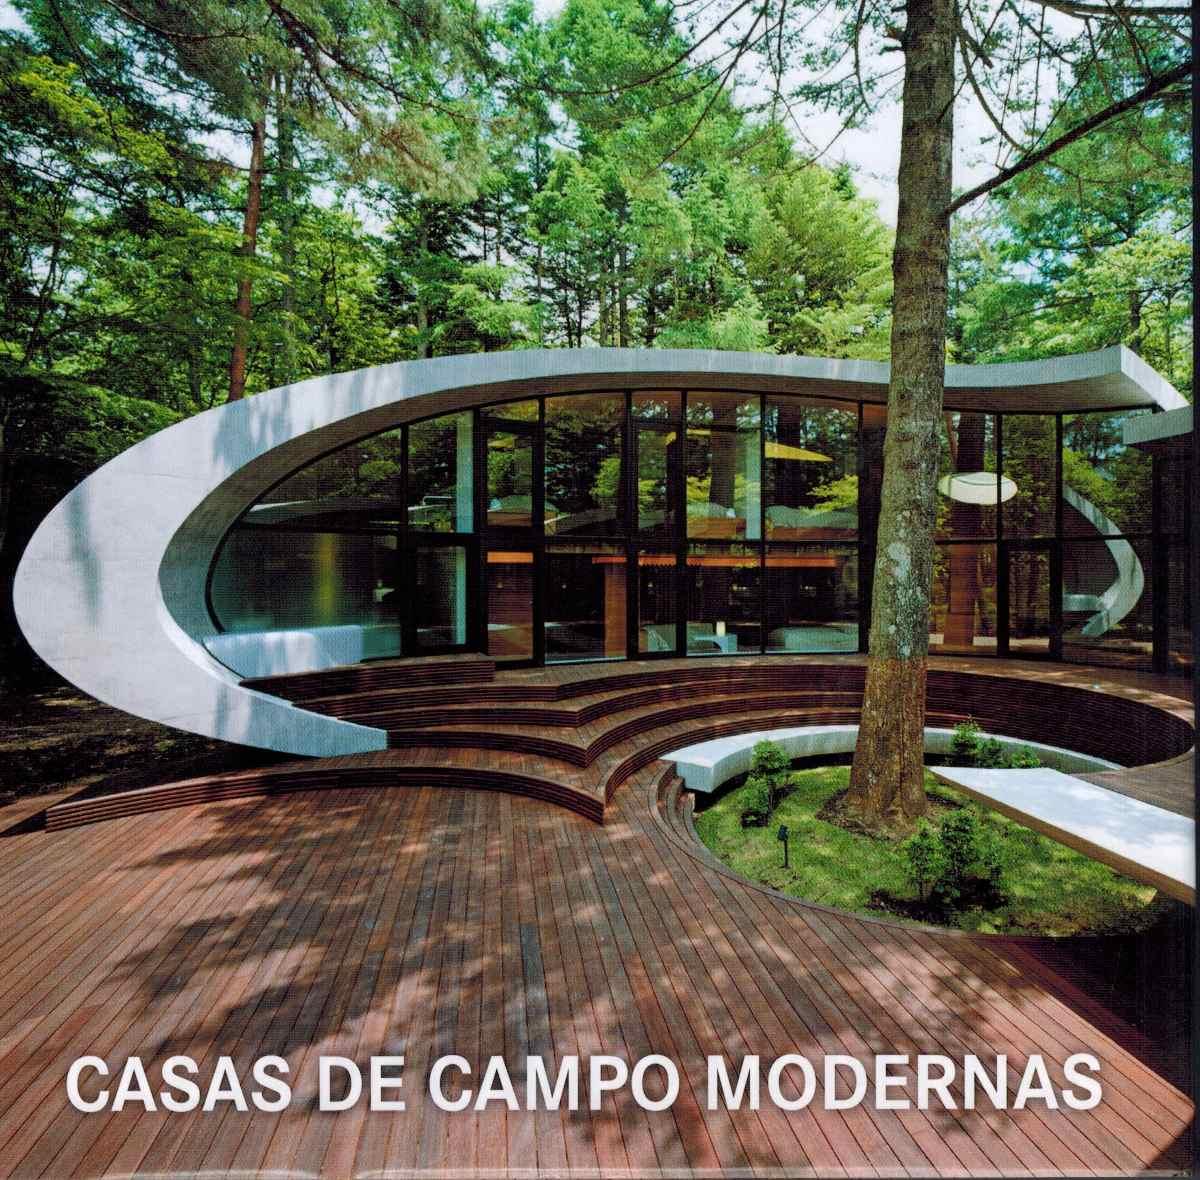 Casas de campo modernas arquitectura dise o konemann for Diseno de casas de campo modernas